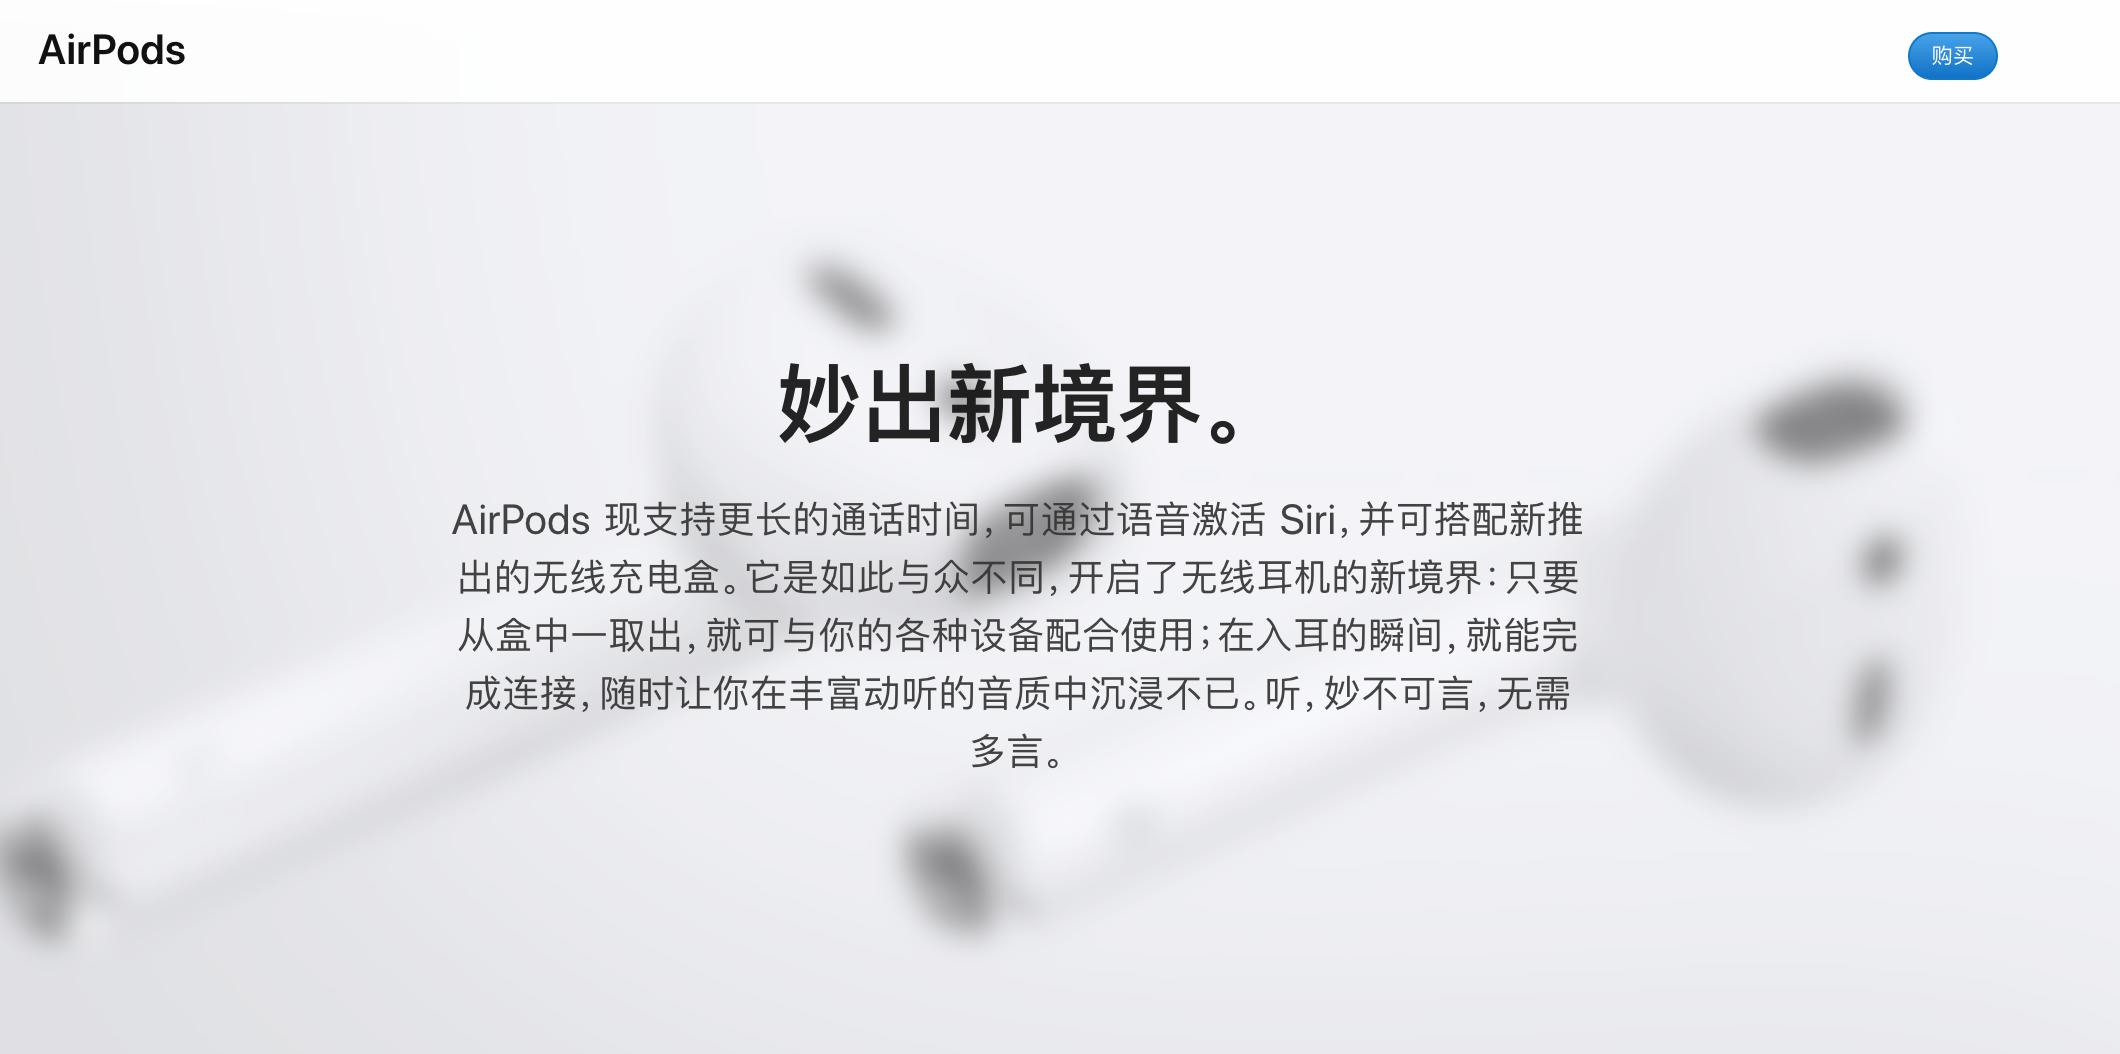 苹果升级AirPods:语音激活Siri 配无线充电盒